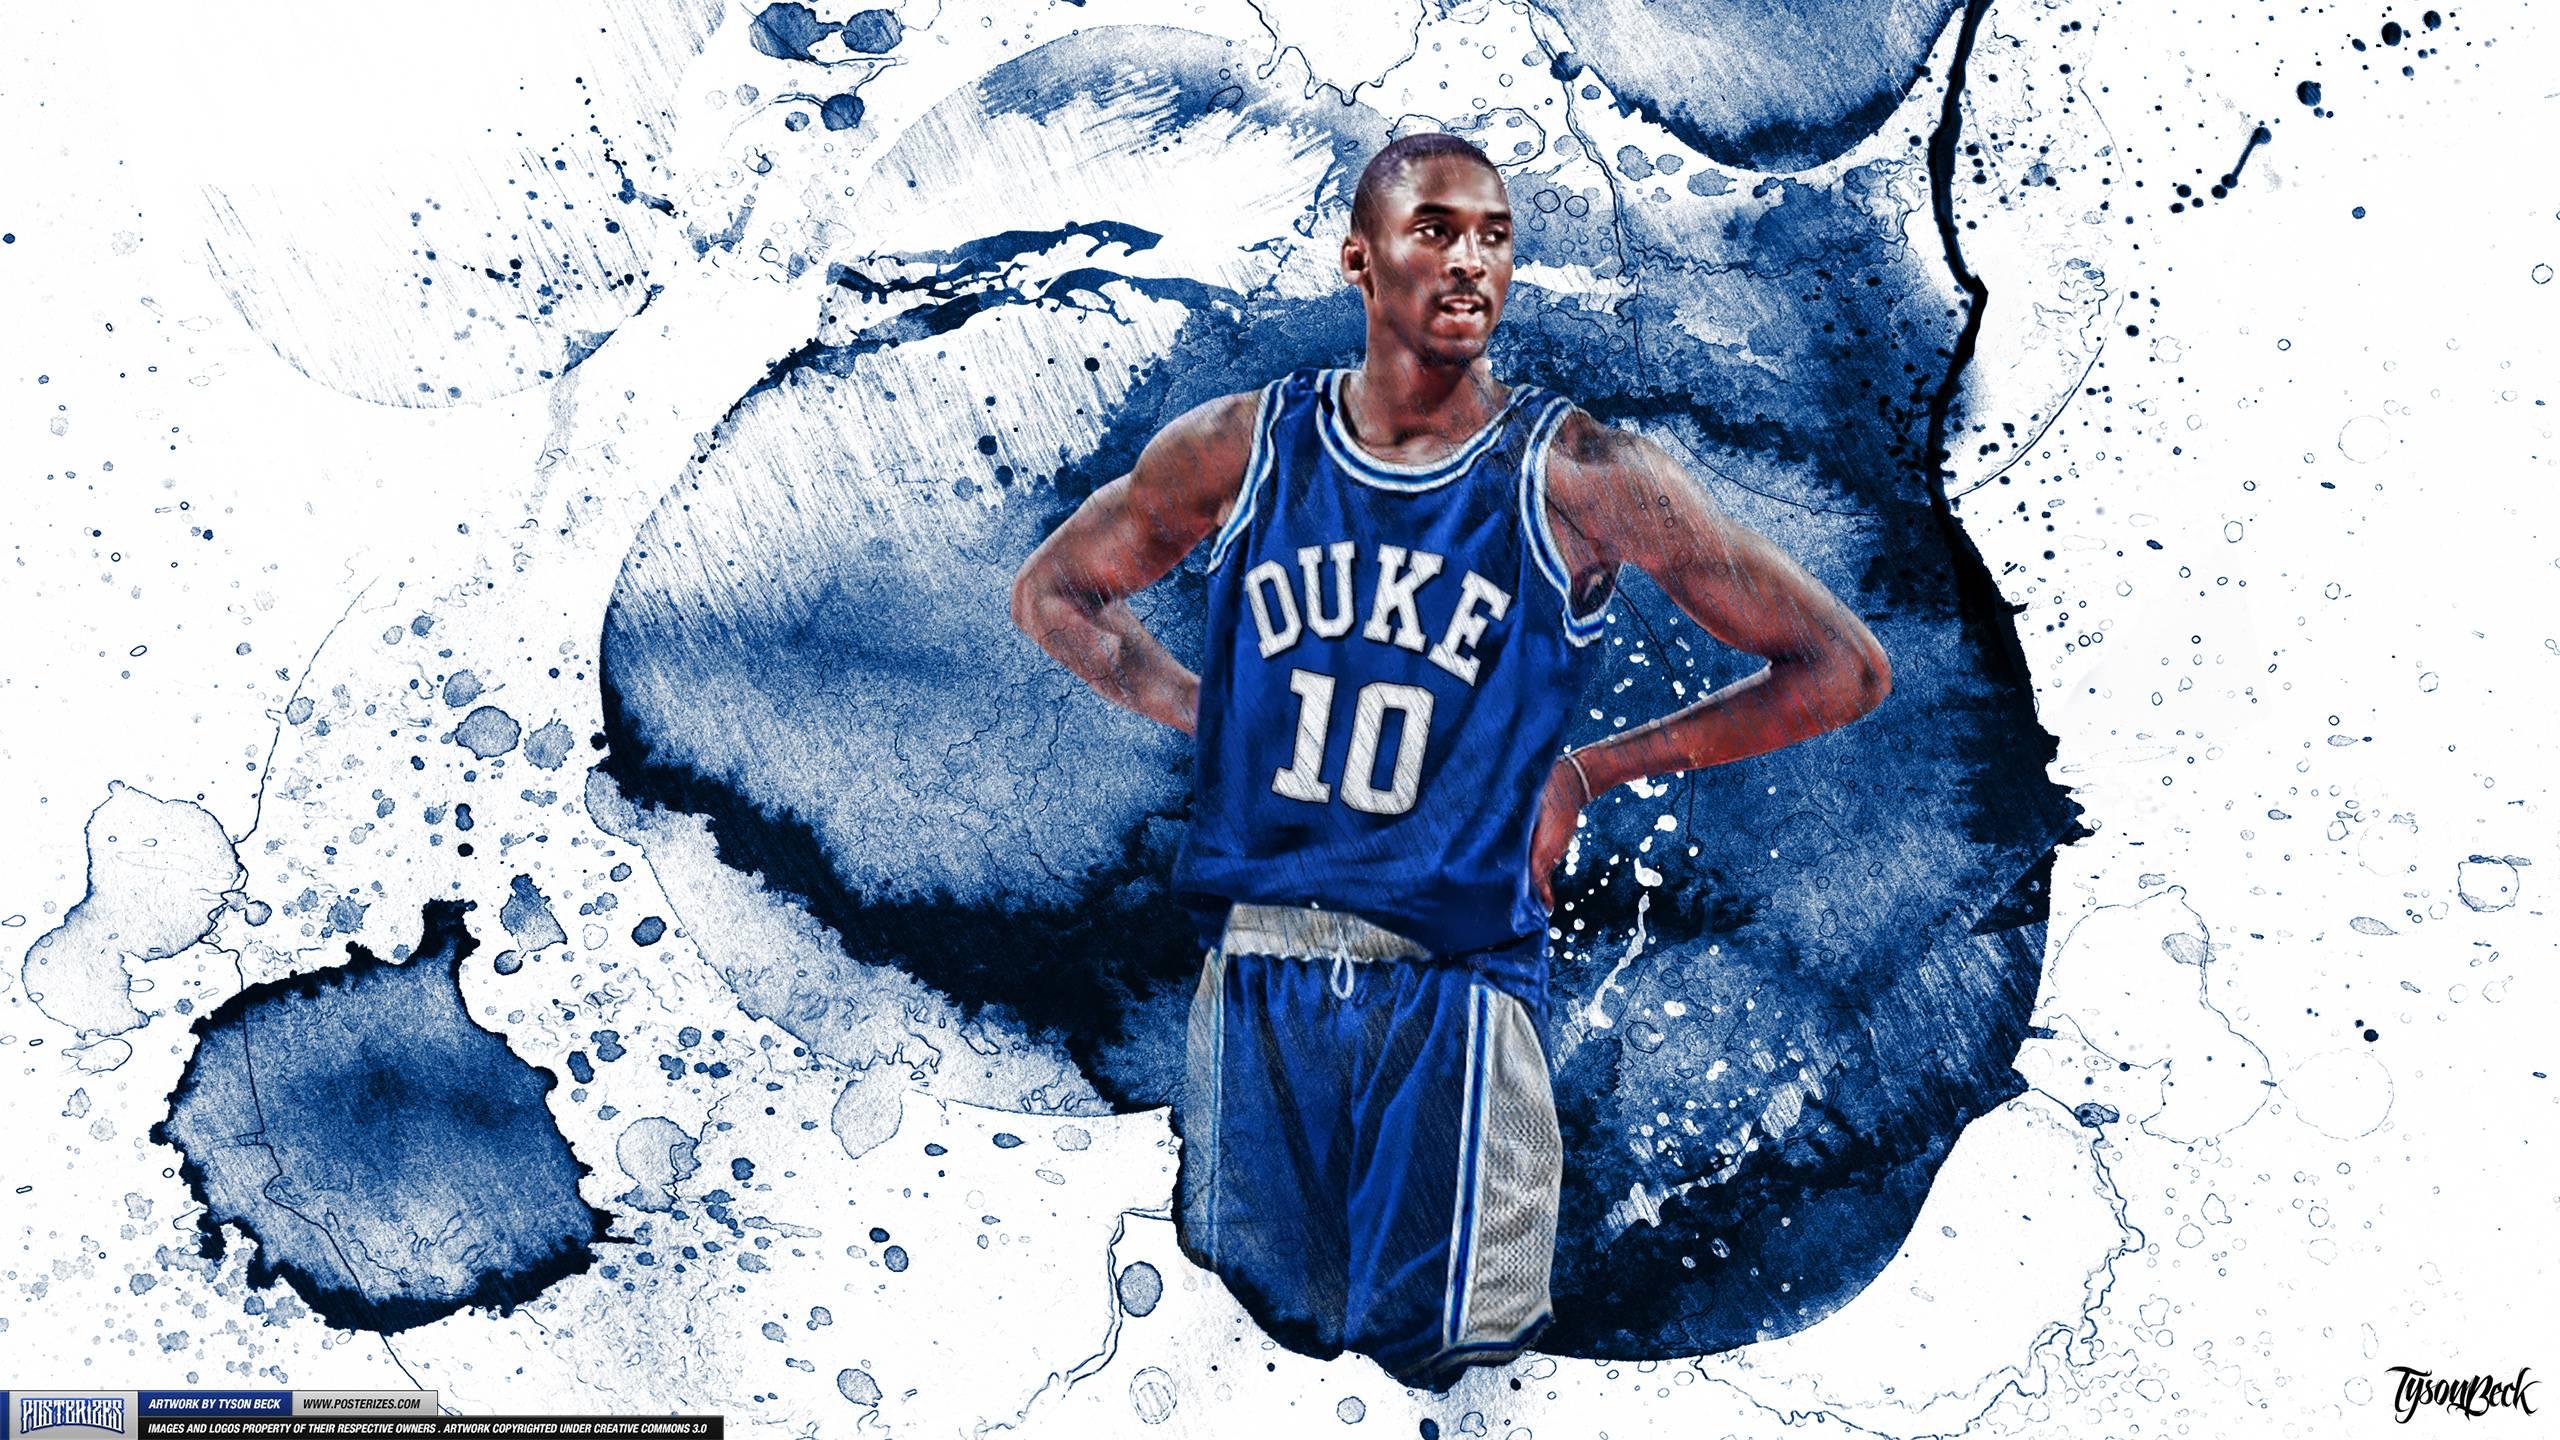 Uk Basketball: Duke Wallpapers